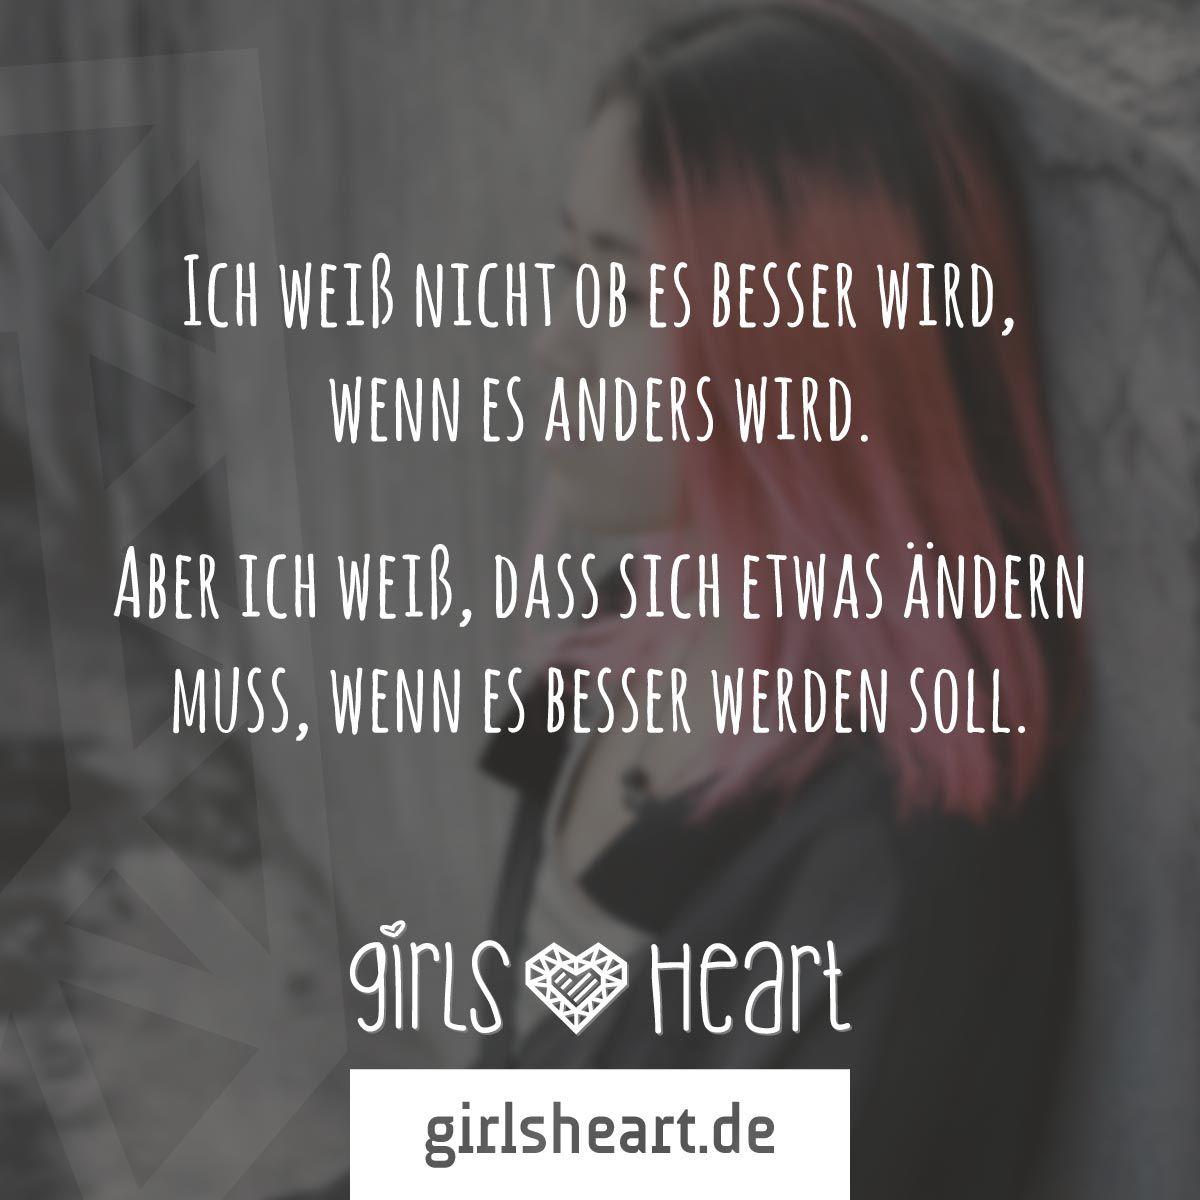 sprüche zur veränderung Mehr Sprüche auf: .girlsheart.de #trauer #veränderung  sprüche zur veränderung